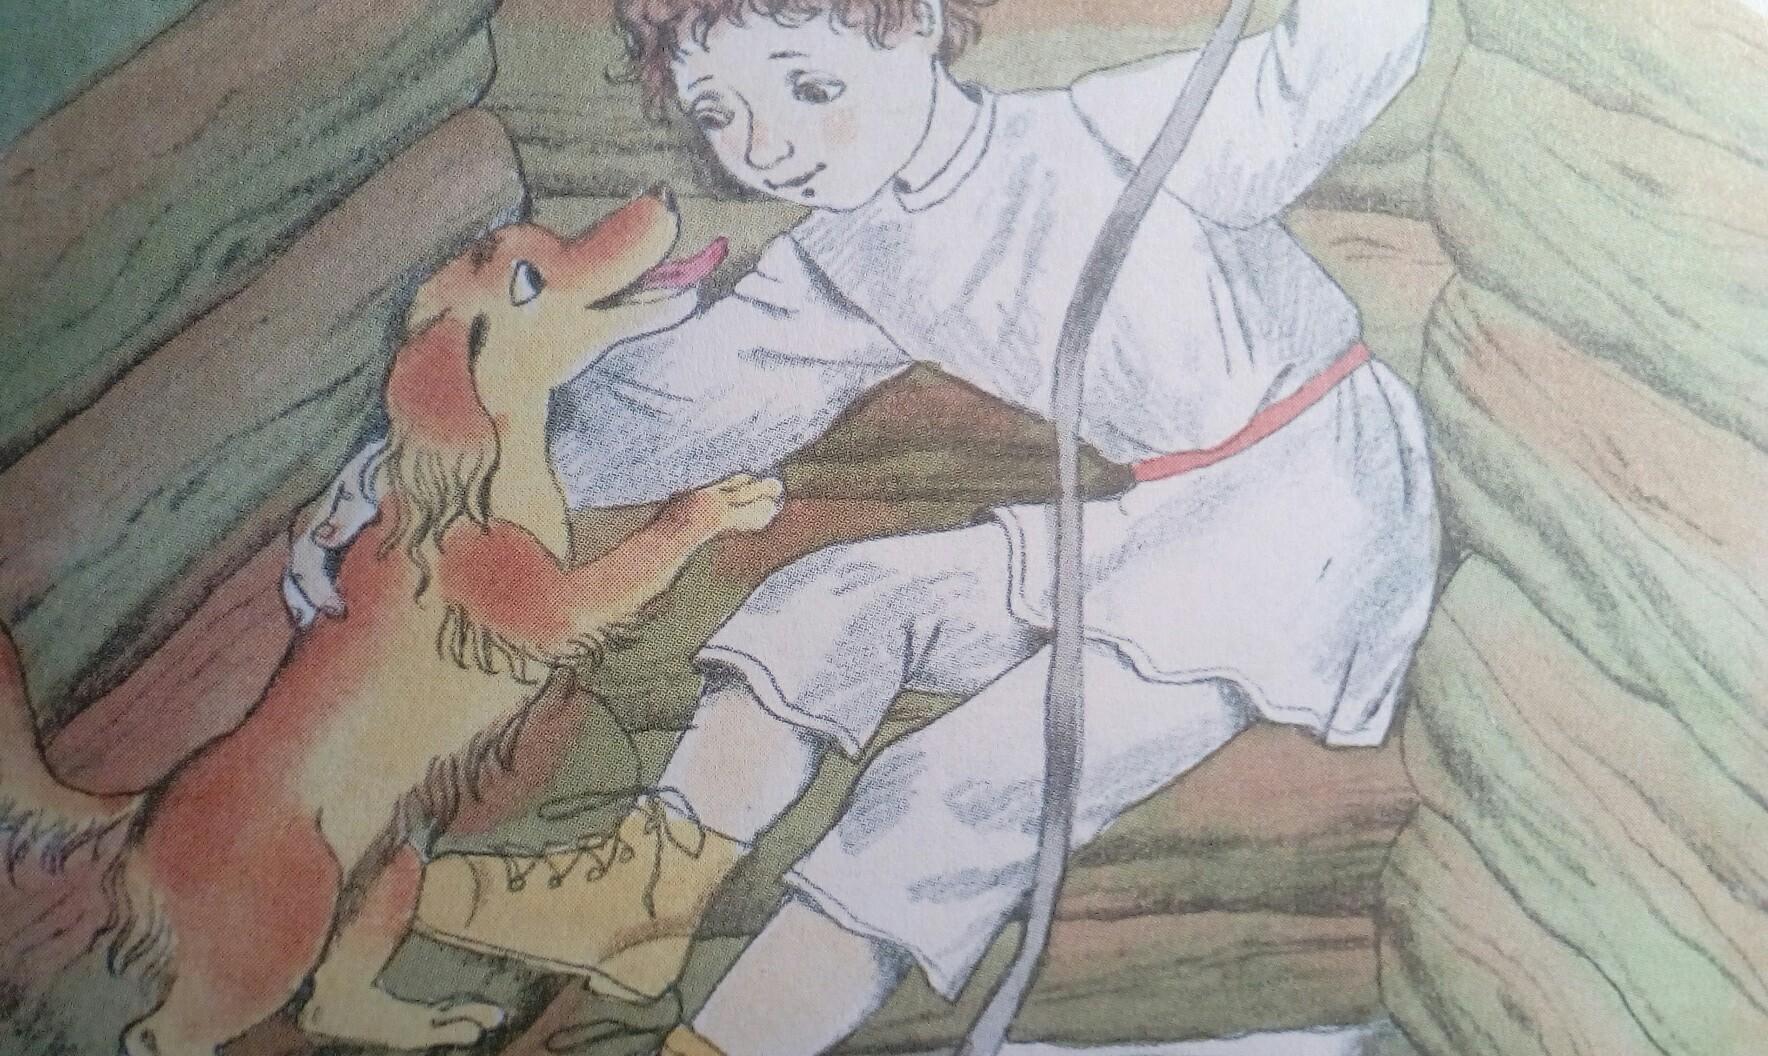 римских тема и жучка картинки индюшка приготовится нормально